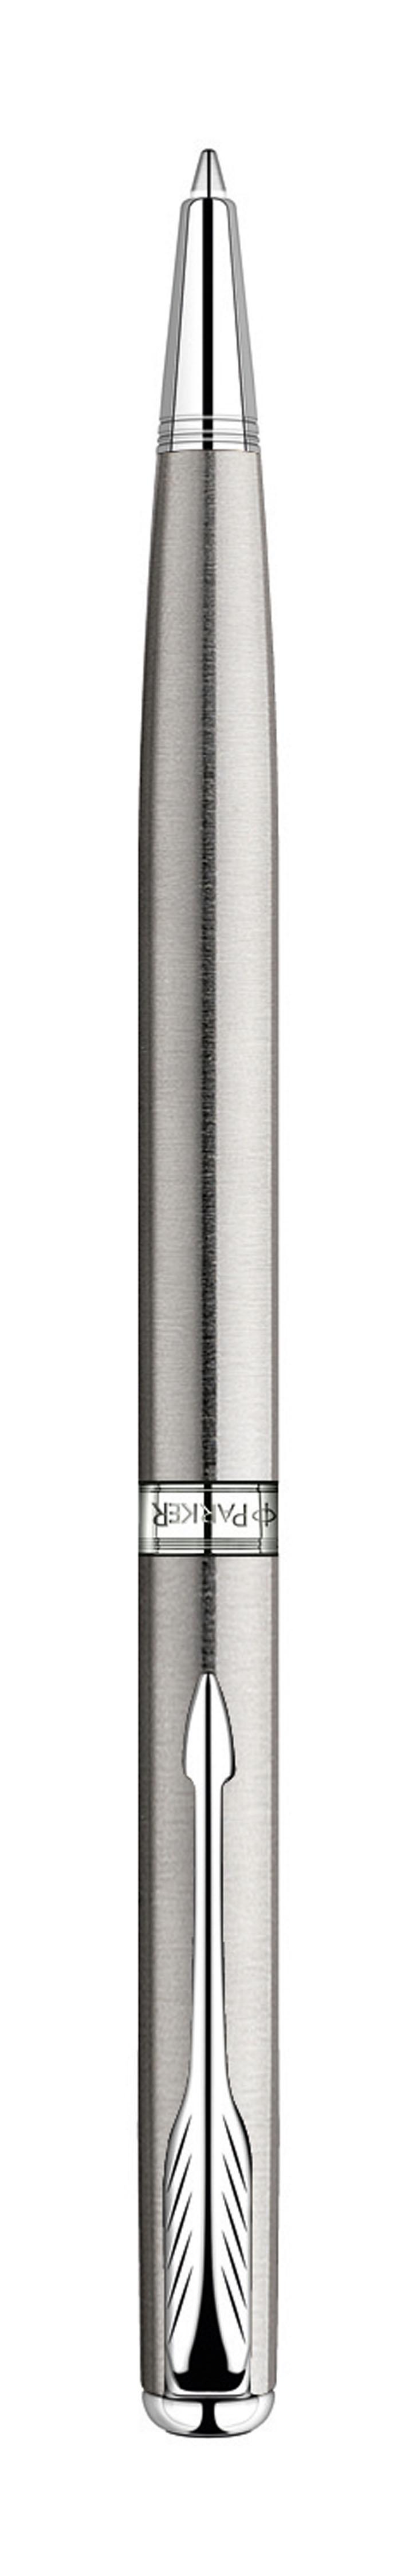 Parker Ручка шариковая Sonnet Slim Stainless Steel СTPARKER-S0809250Механизм ручки: шариковая, поворотный механизмРазмер пишущего узла М (medium) - Средний 1 ммШариковая ручка, поворотный механизм Материал корпуса: Нержавеющая стальПокрытие корпуса: Нержавеющая сталь Материал отделки деталей корпуса: Хром Цвет стержня: черный Выгравированный логотип PARKER на декоративном кольце Комплектация: Фирменная упаковка, руководство по эксплуатации с гарантийным талоном. Гарантия производителя: Два (2) года со дня покупки.